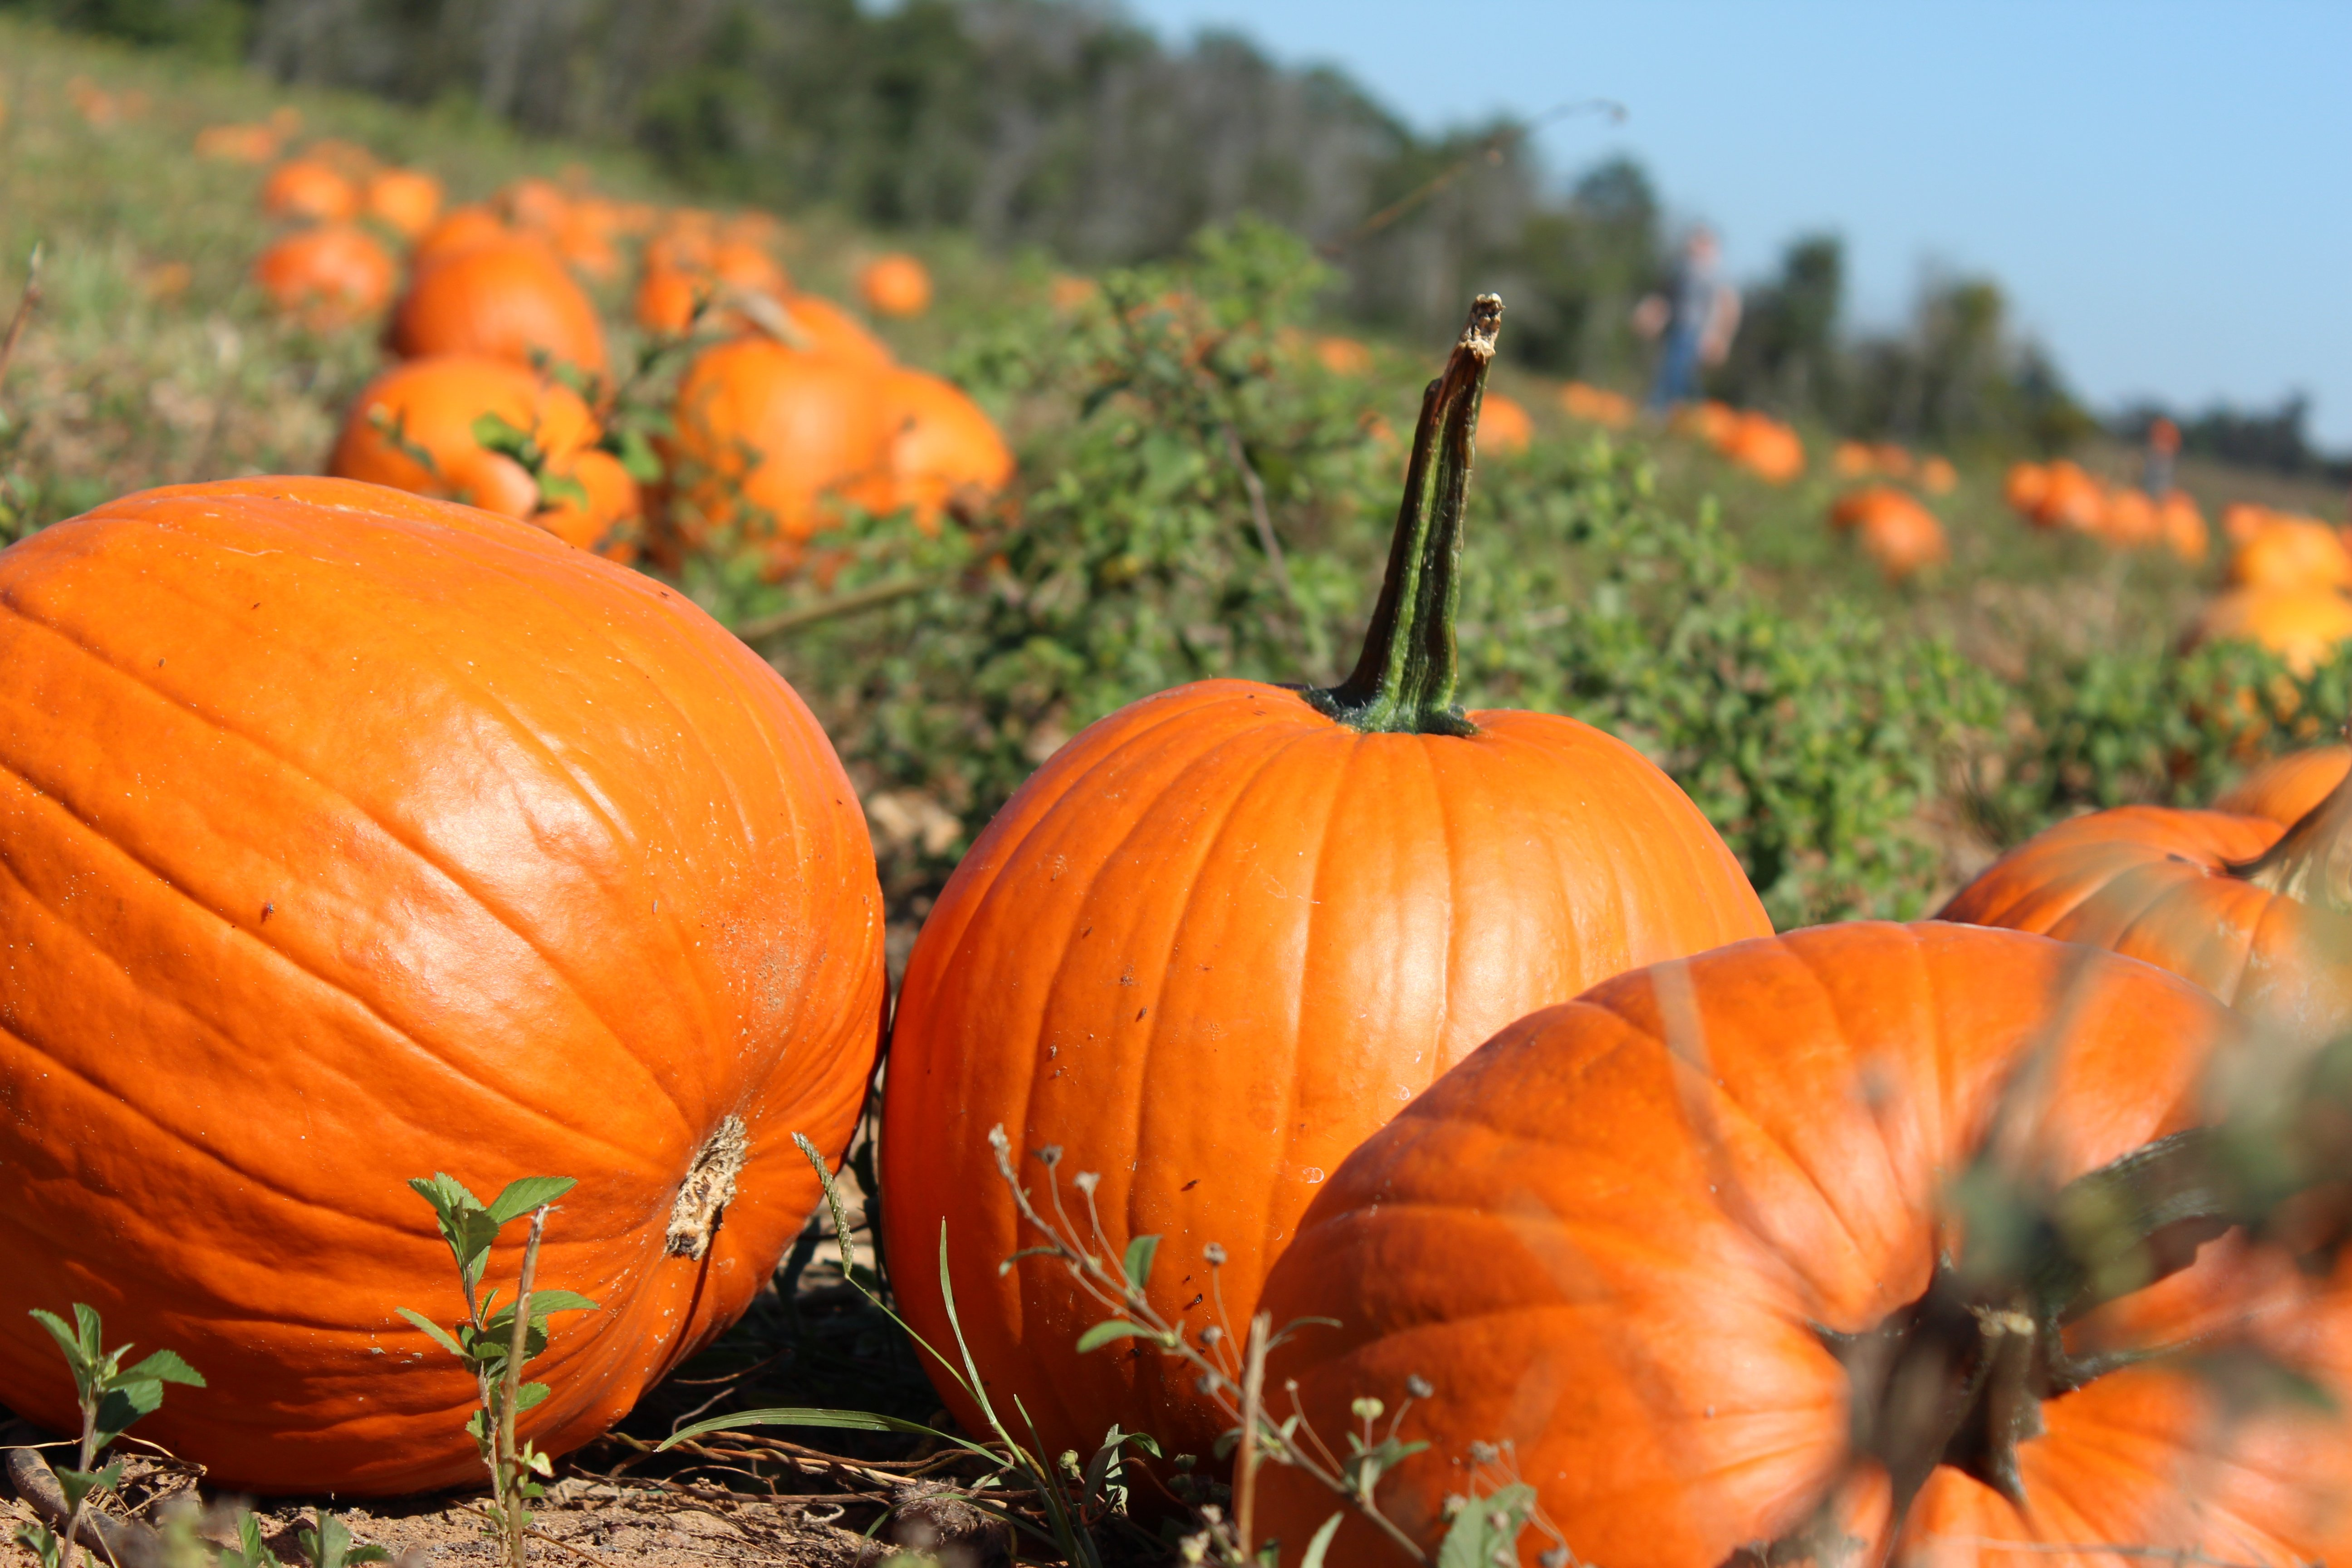 Pumpkin patch halloween autumn wallpaper 5184x3456 - Pumpkin wallpaper fall ...